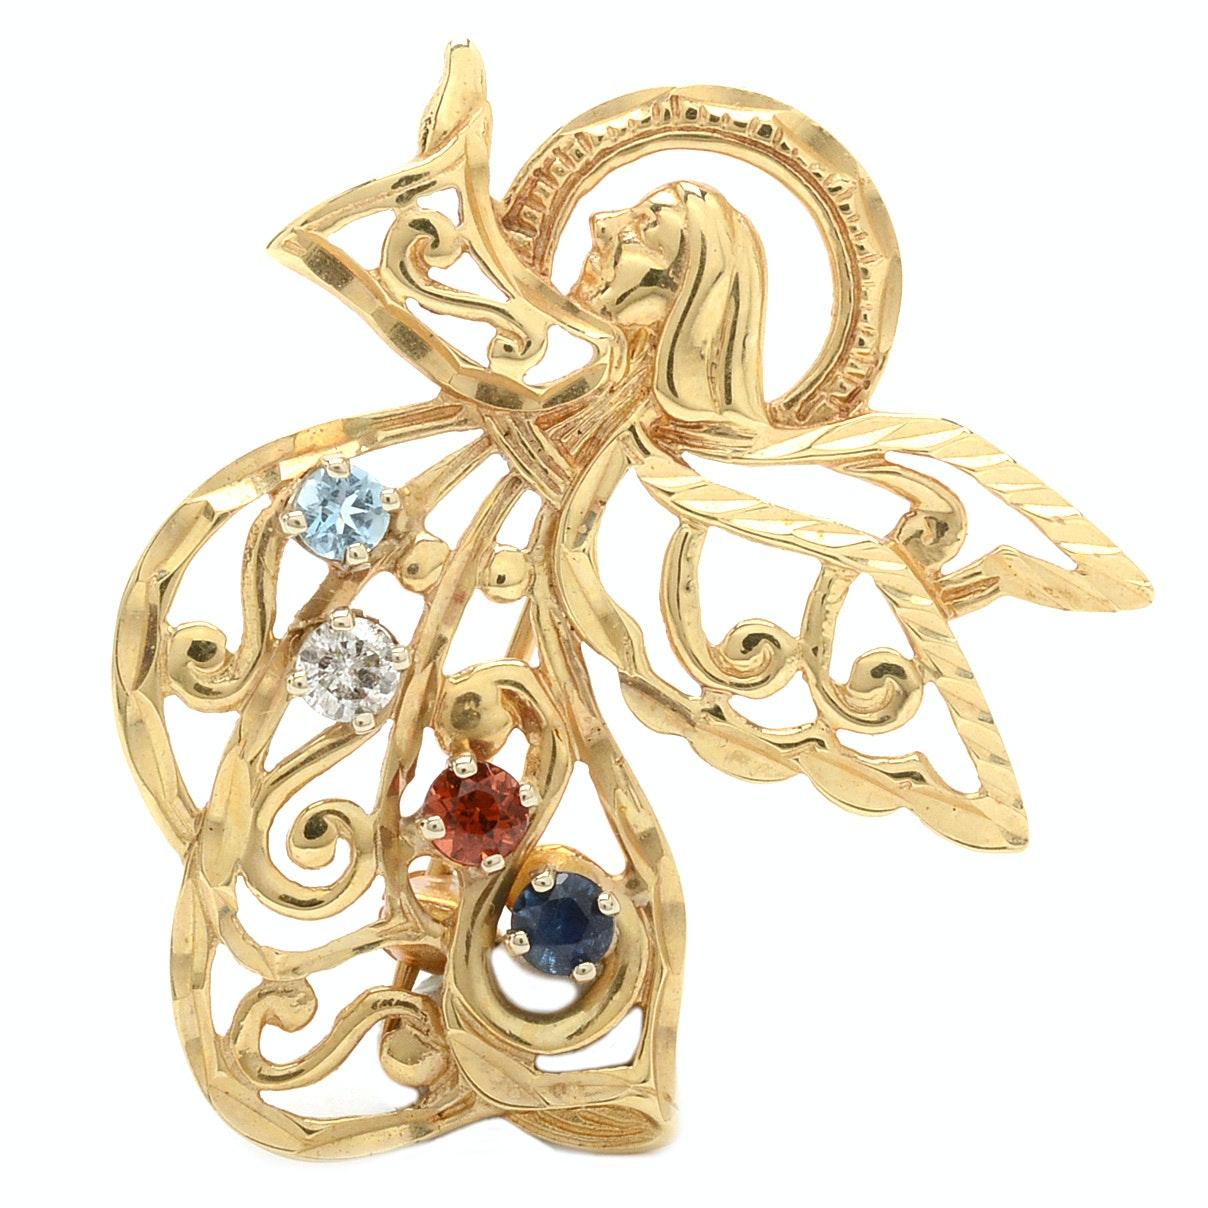 14K Yellow Gold Diamond, Aquamarine, Garnet, and Sapphire Pin